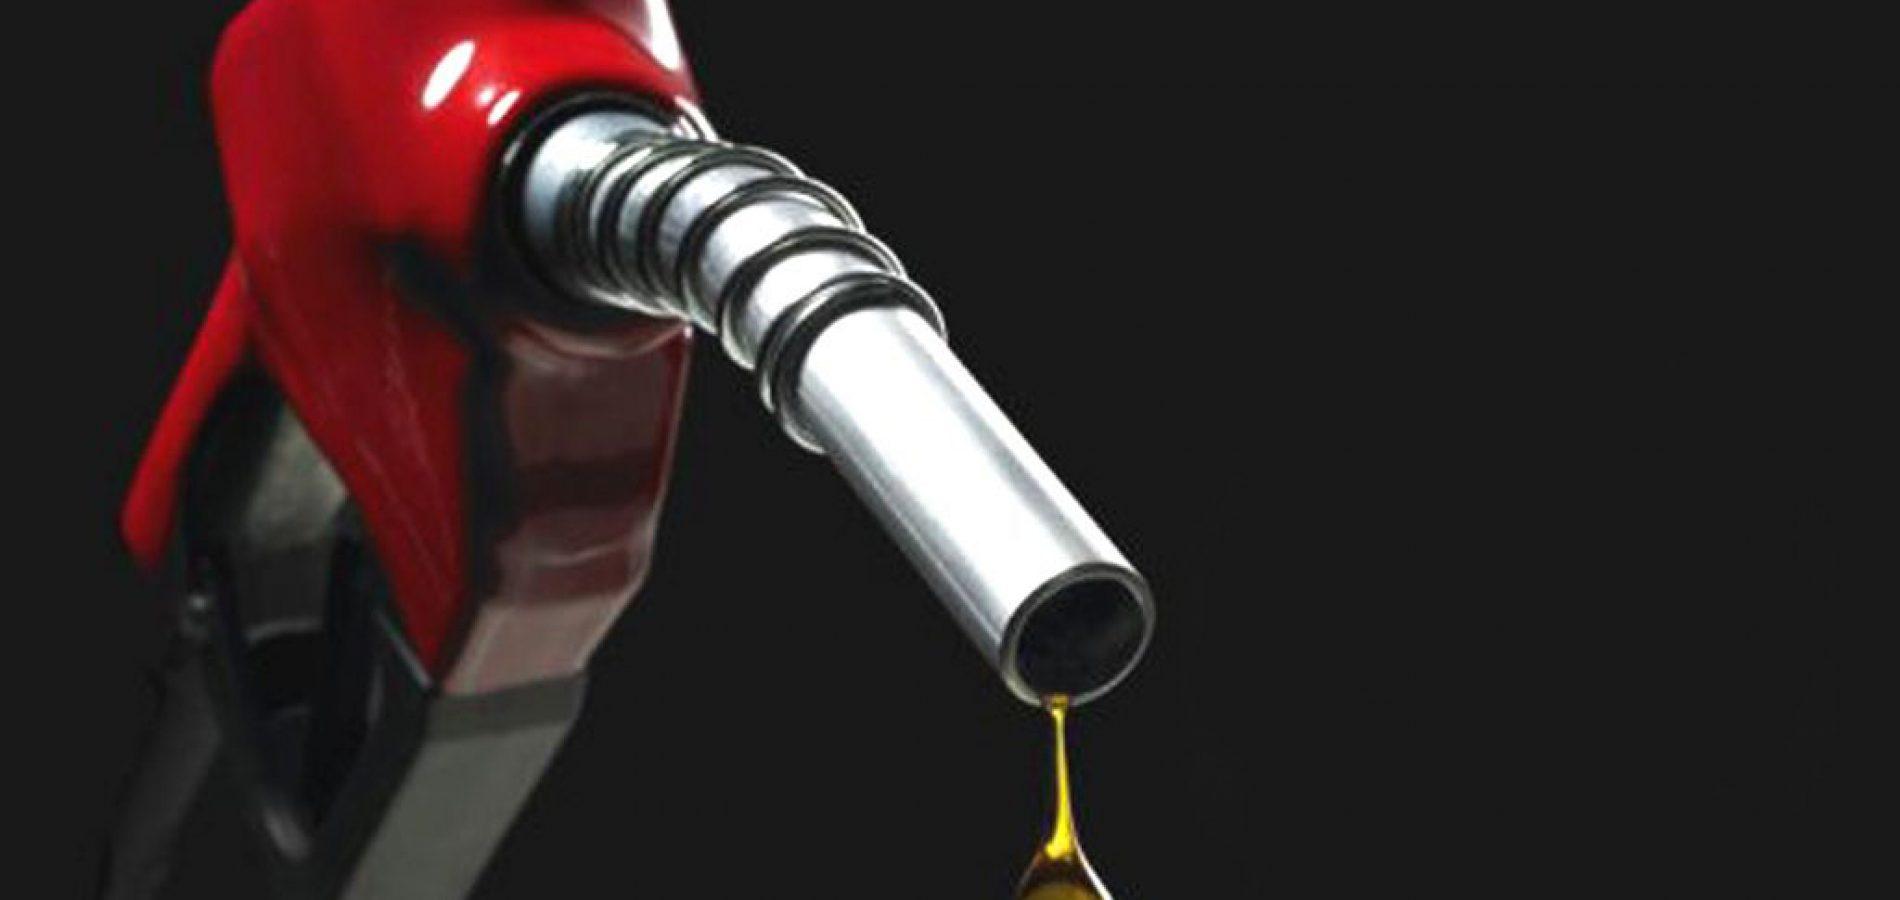 Diesel e gasolina sofrem reajuste de 4,3% e 2,2% em média nas refinarias